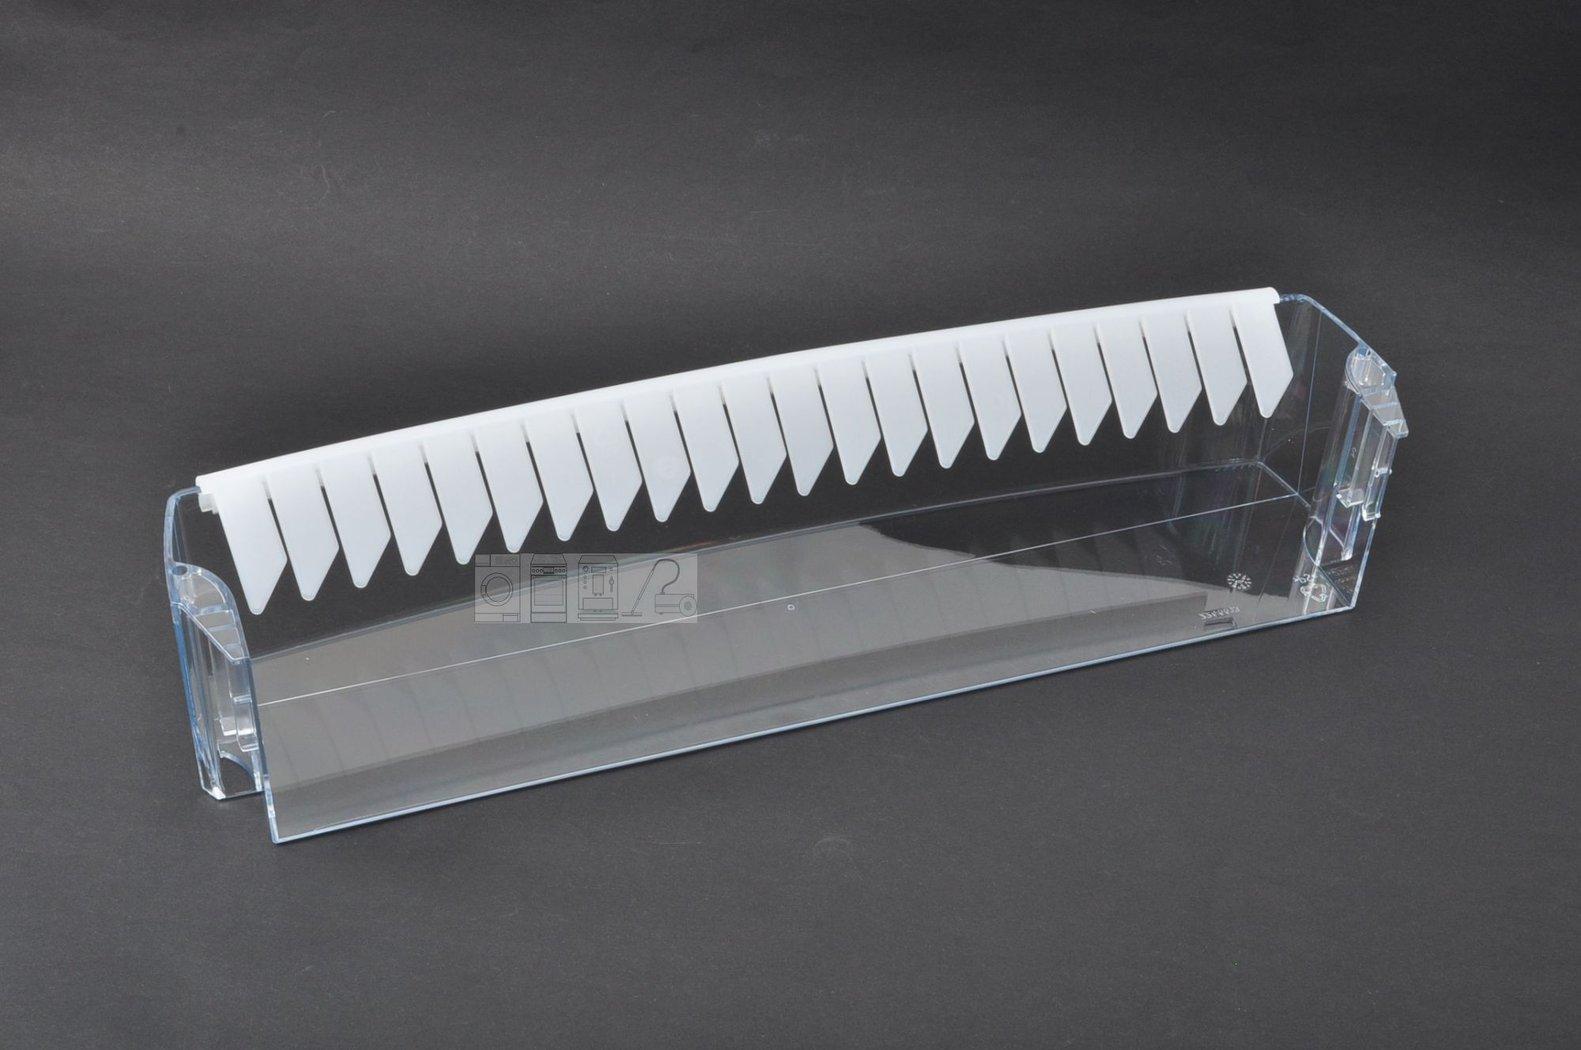 Bomann Kühlschrank Flaschenfach : Kühlschrank und gefriertruhe türeinsatz twindis